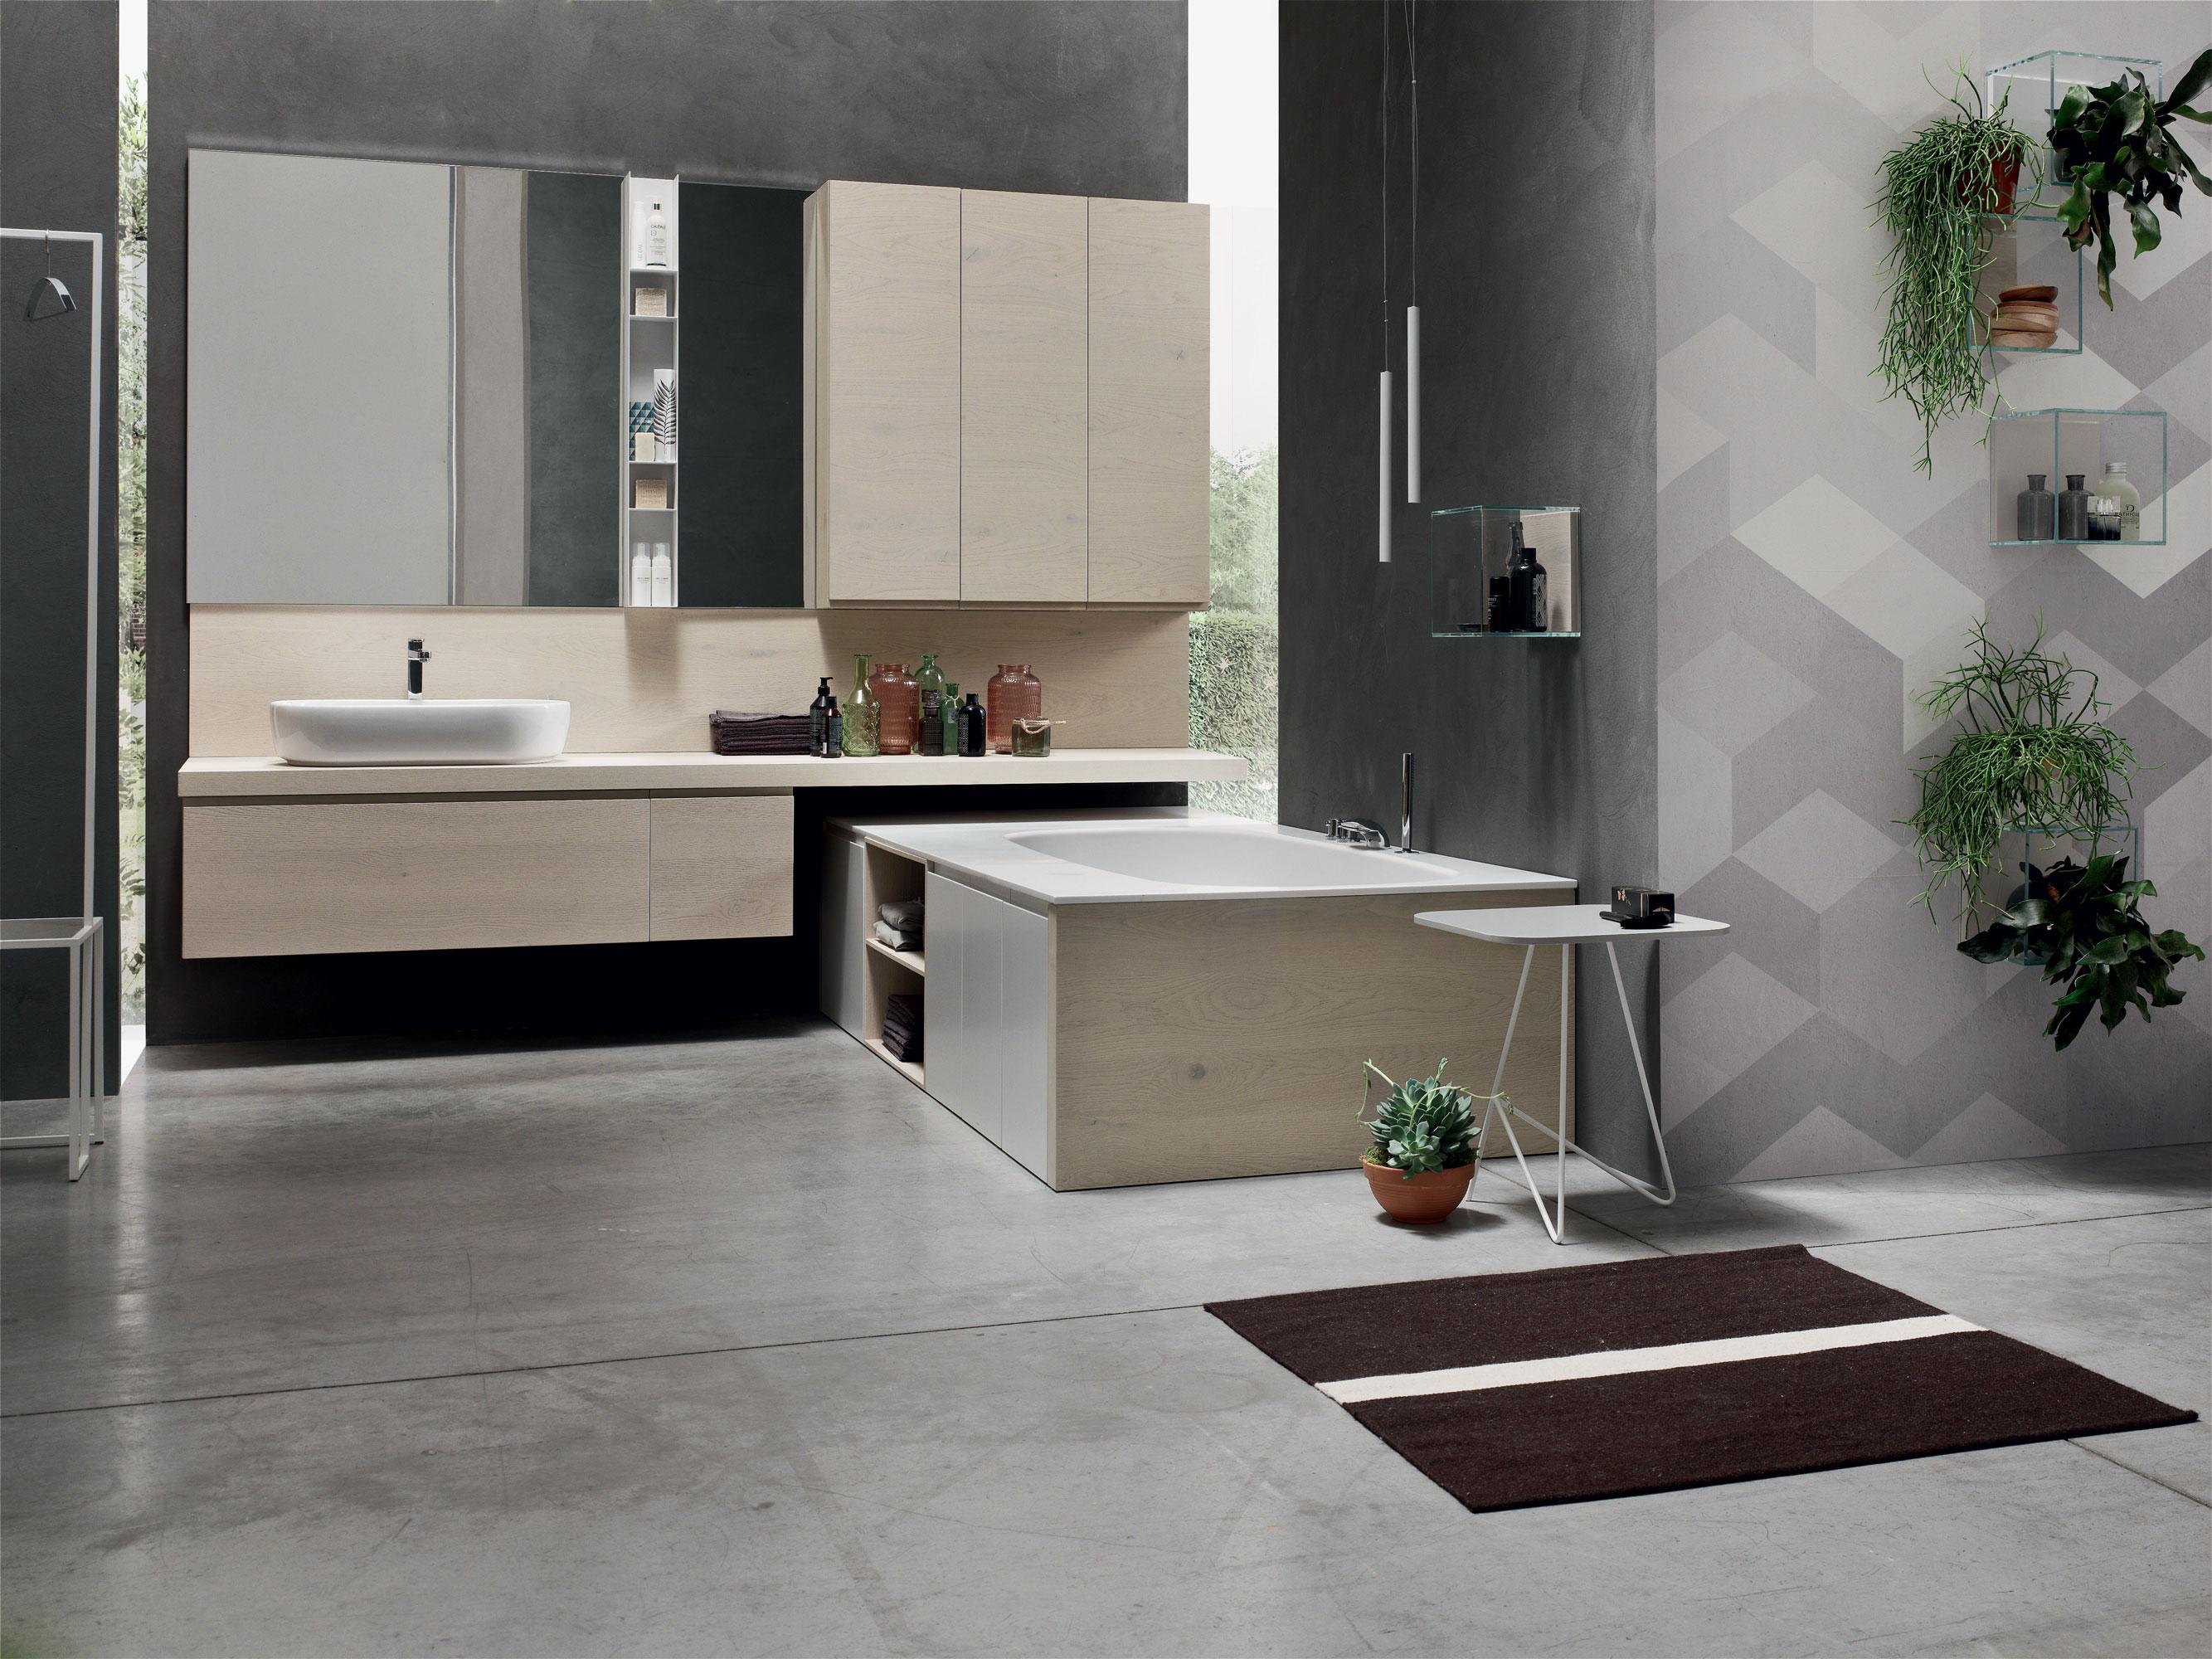 Arredo bagno: Arcom sceglie il legno e lo stile nordico per la linea ...